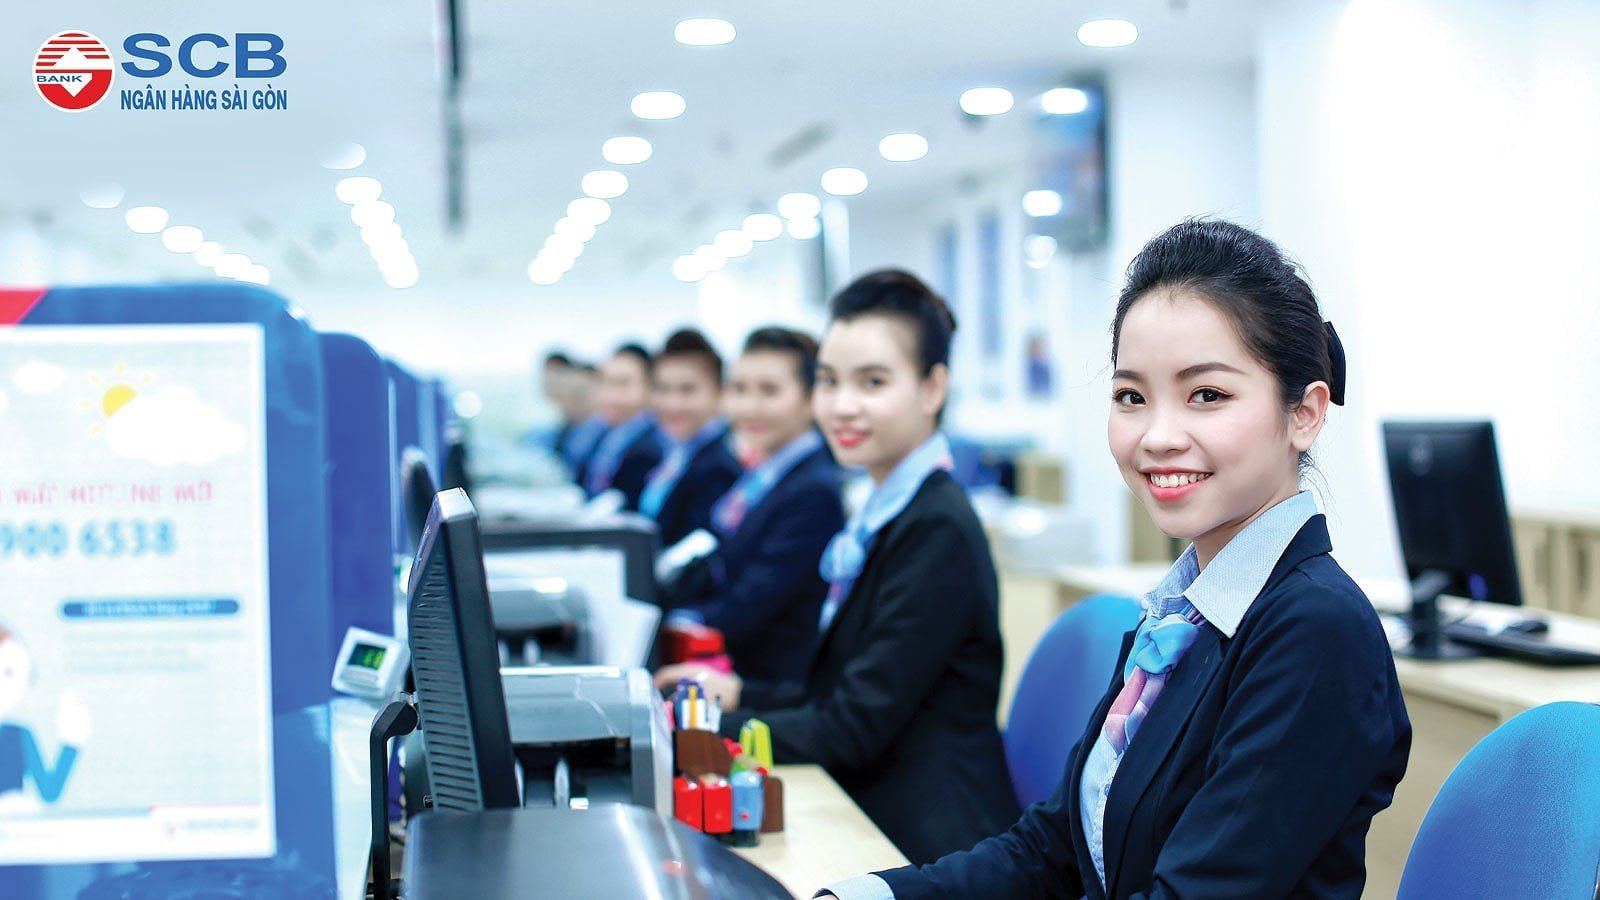 anh cong ty 2 min - Dịch vụ chụp hình công ty, doanh nghiệp tại Tp.HCM -HThao Studio